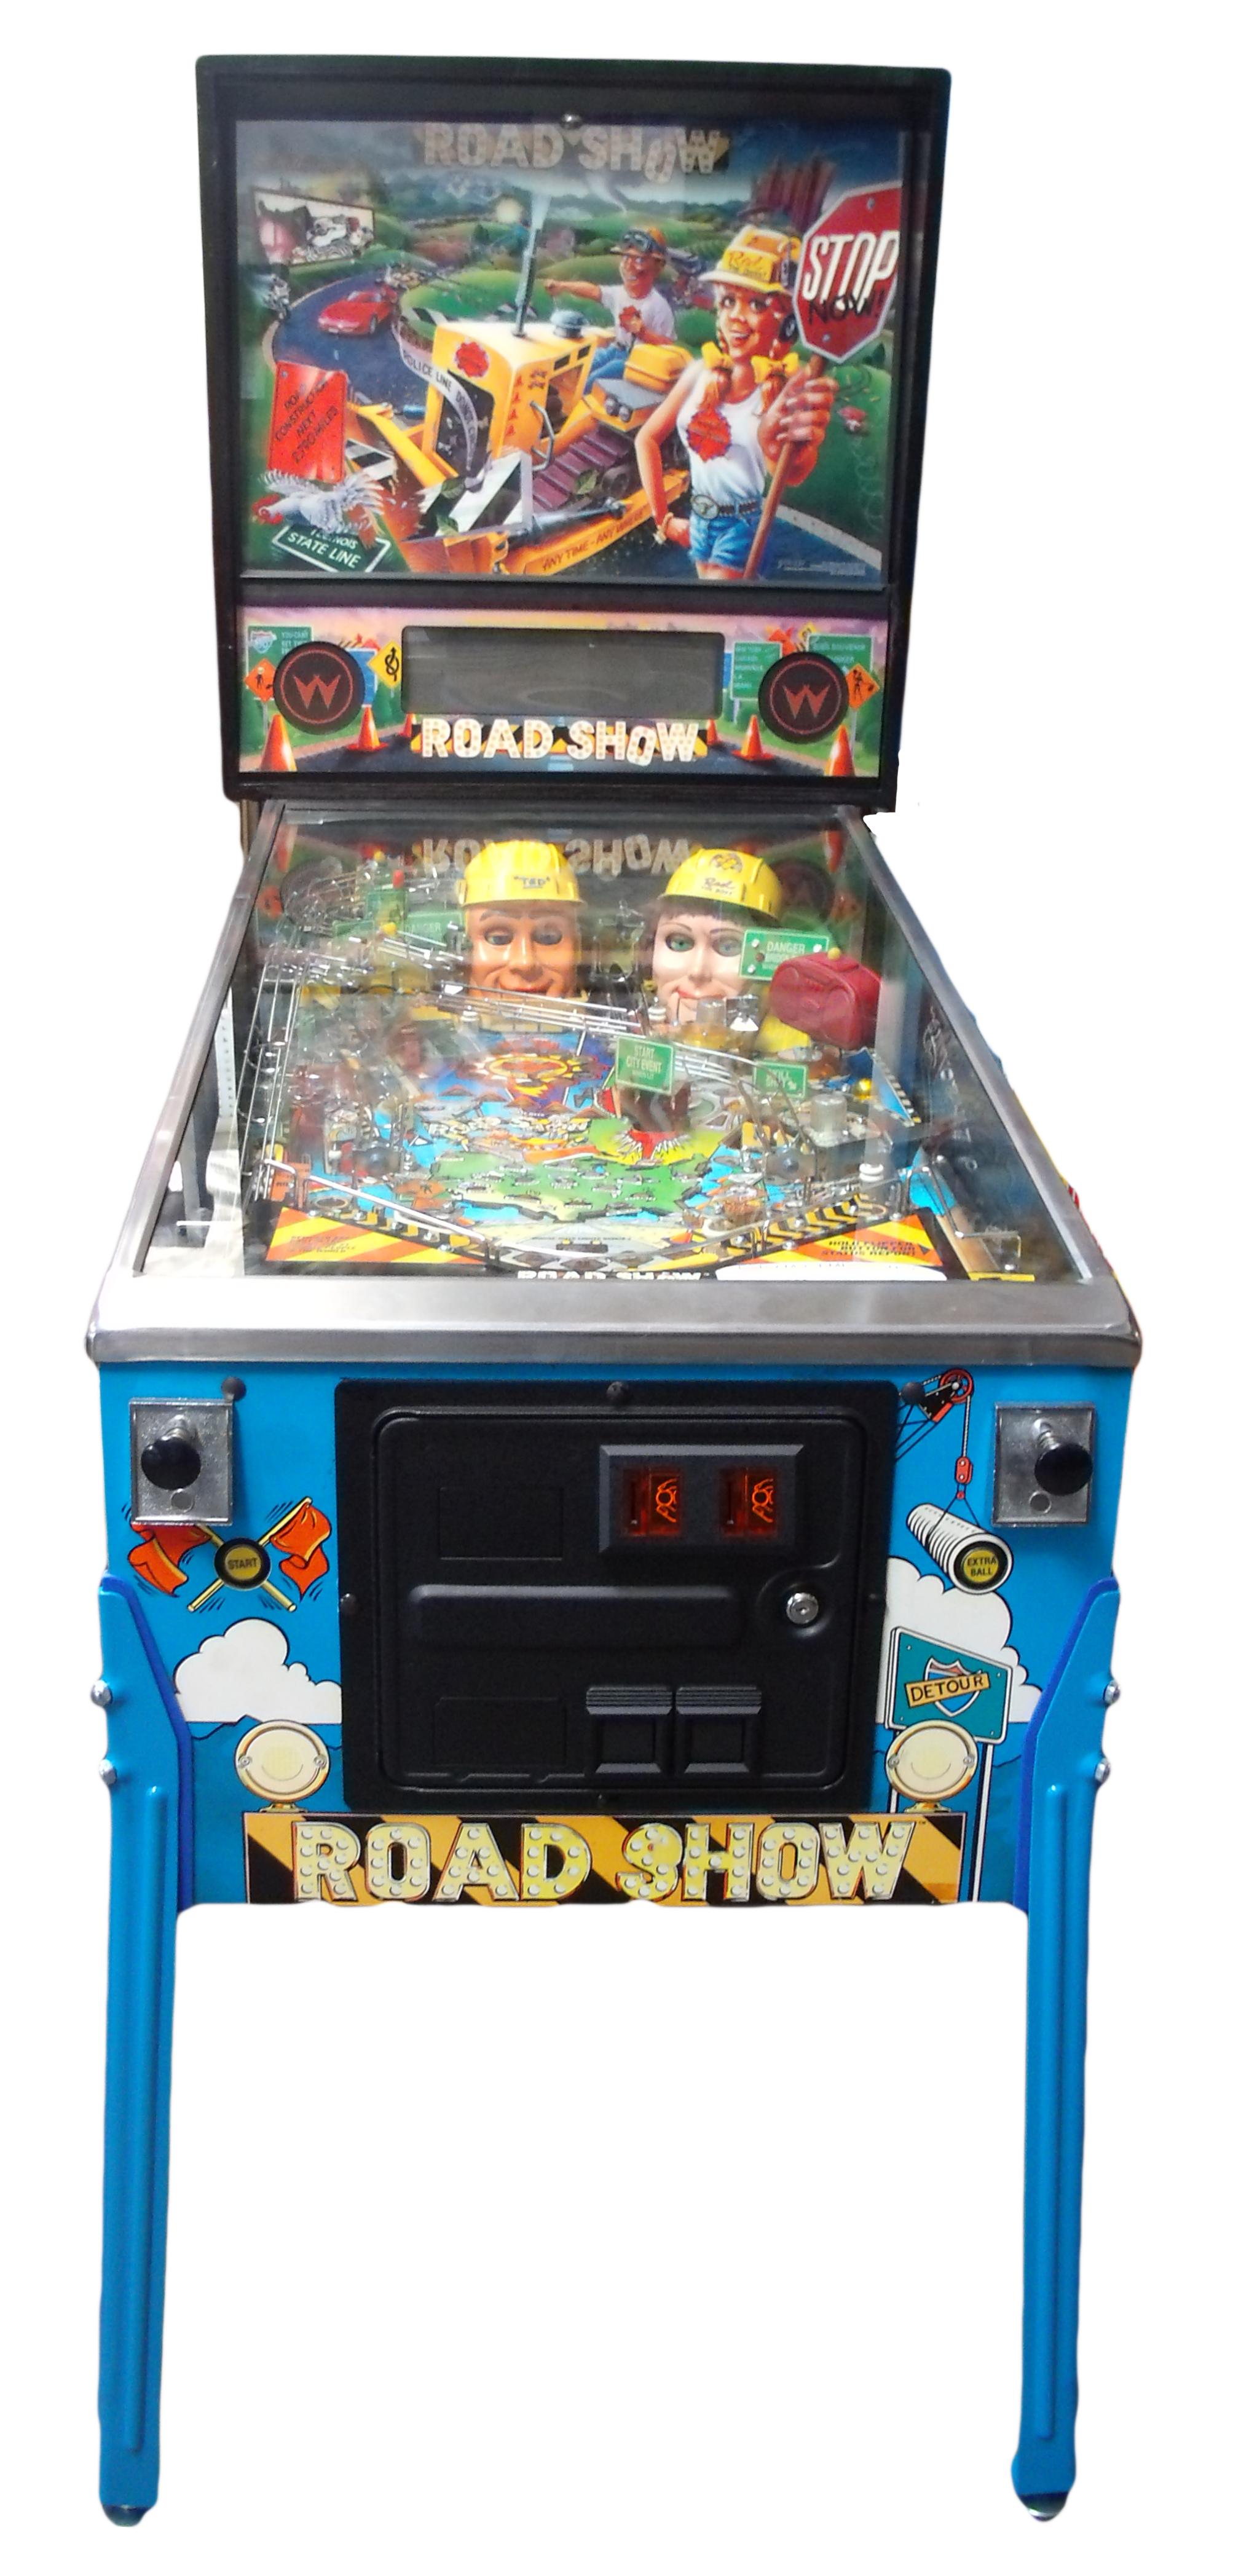 arcade pinball machine